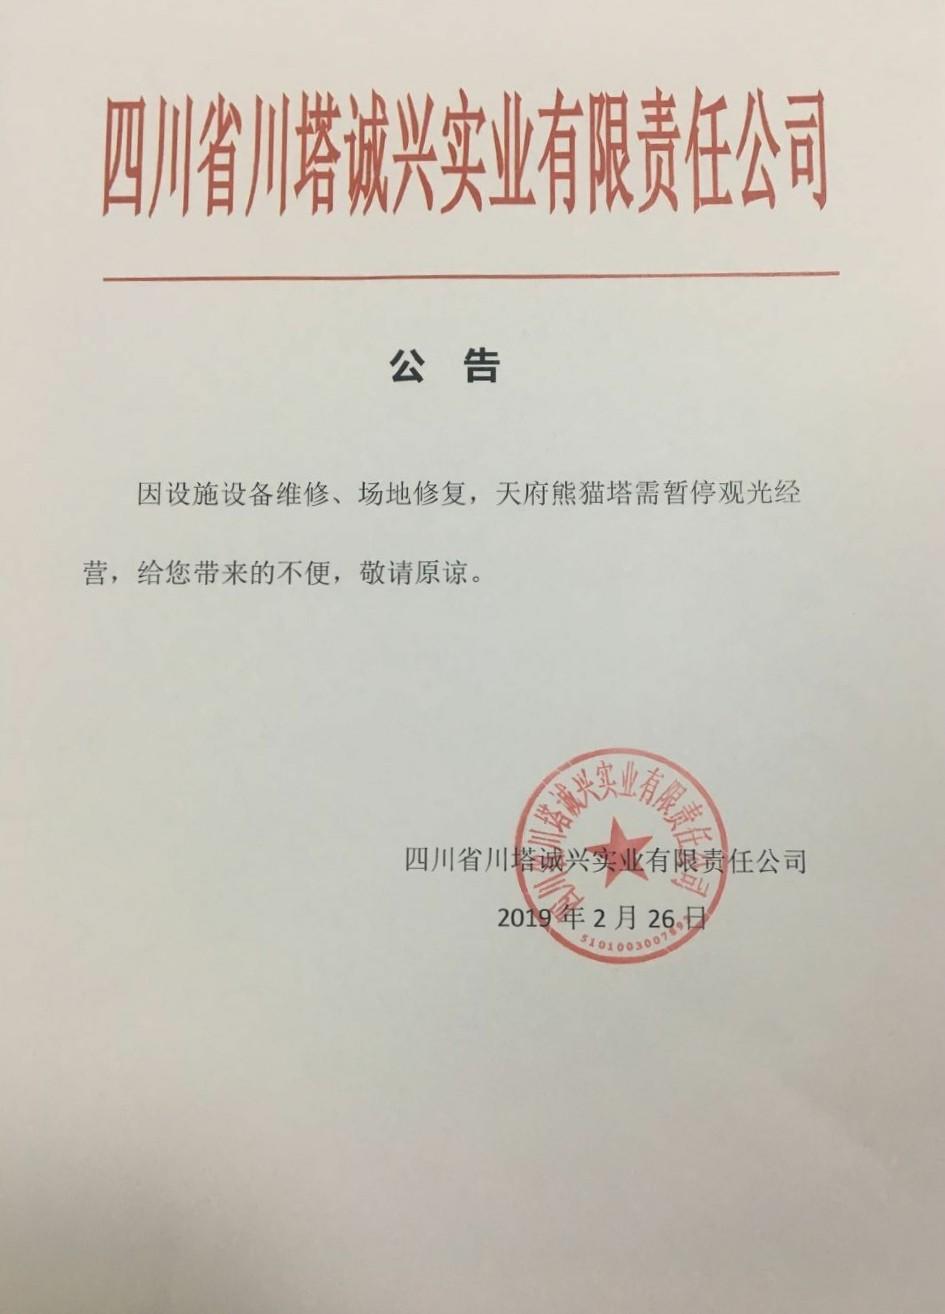 成都339天府熊猫塔暂停营业公告